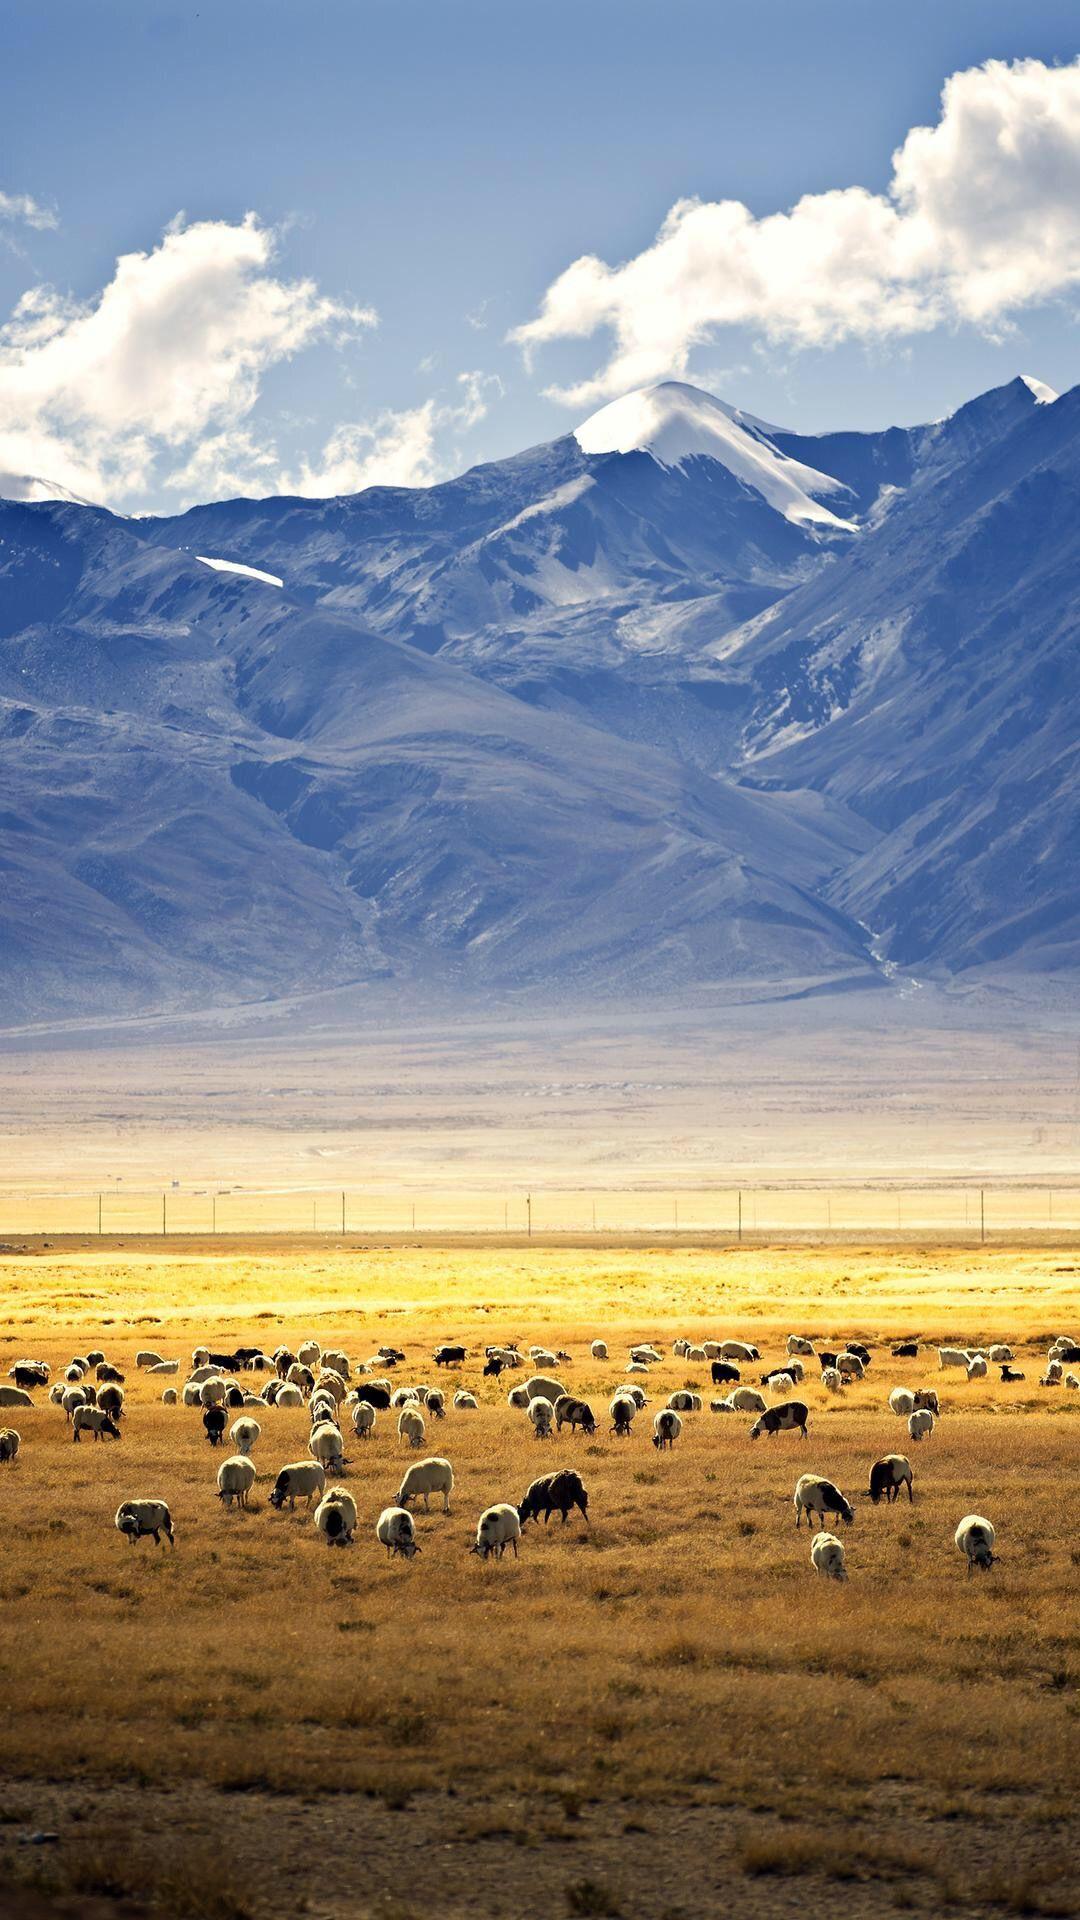 西藏风景手机壁纸,风光如仙境,草地牛羊群,天地我心空灵境!